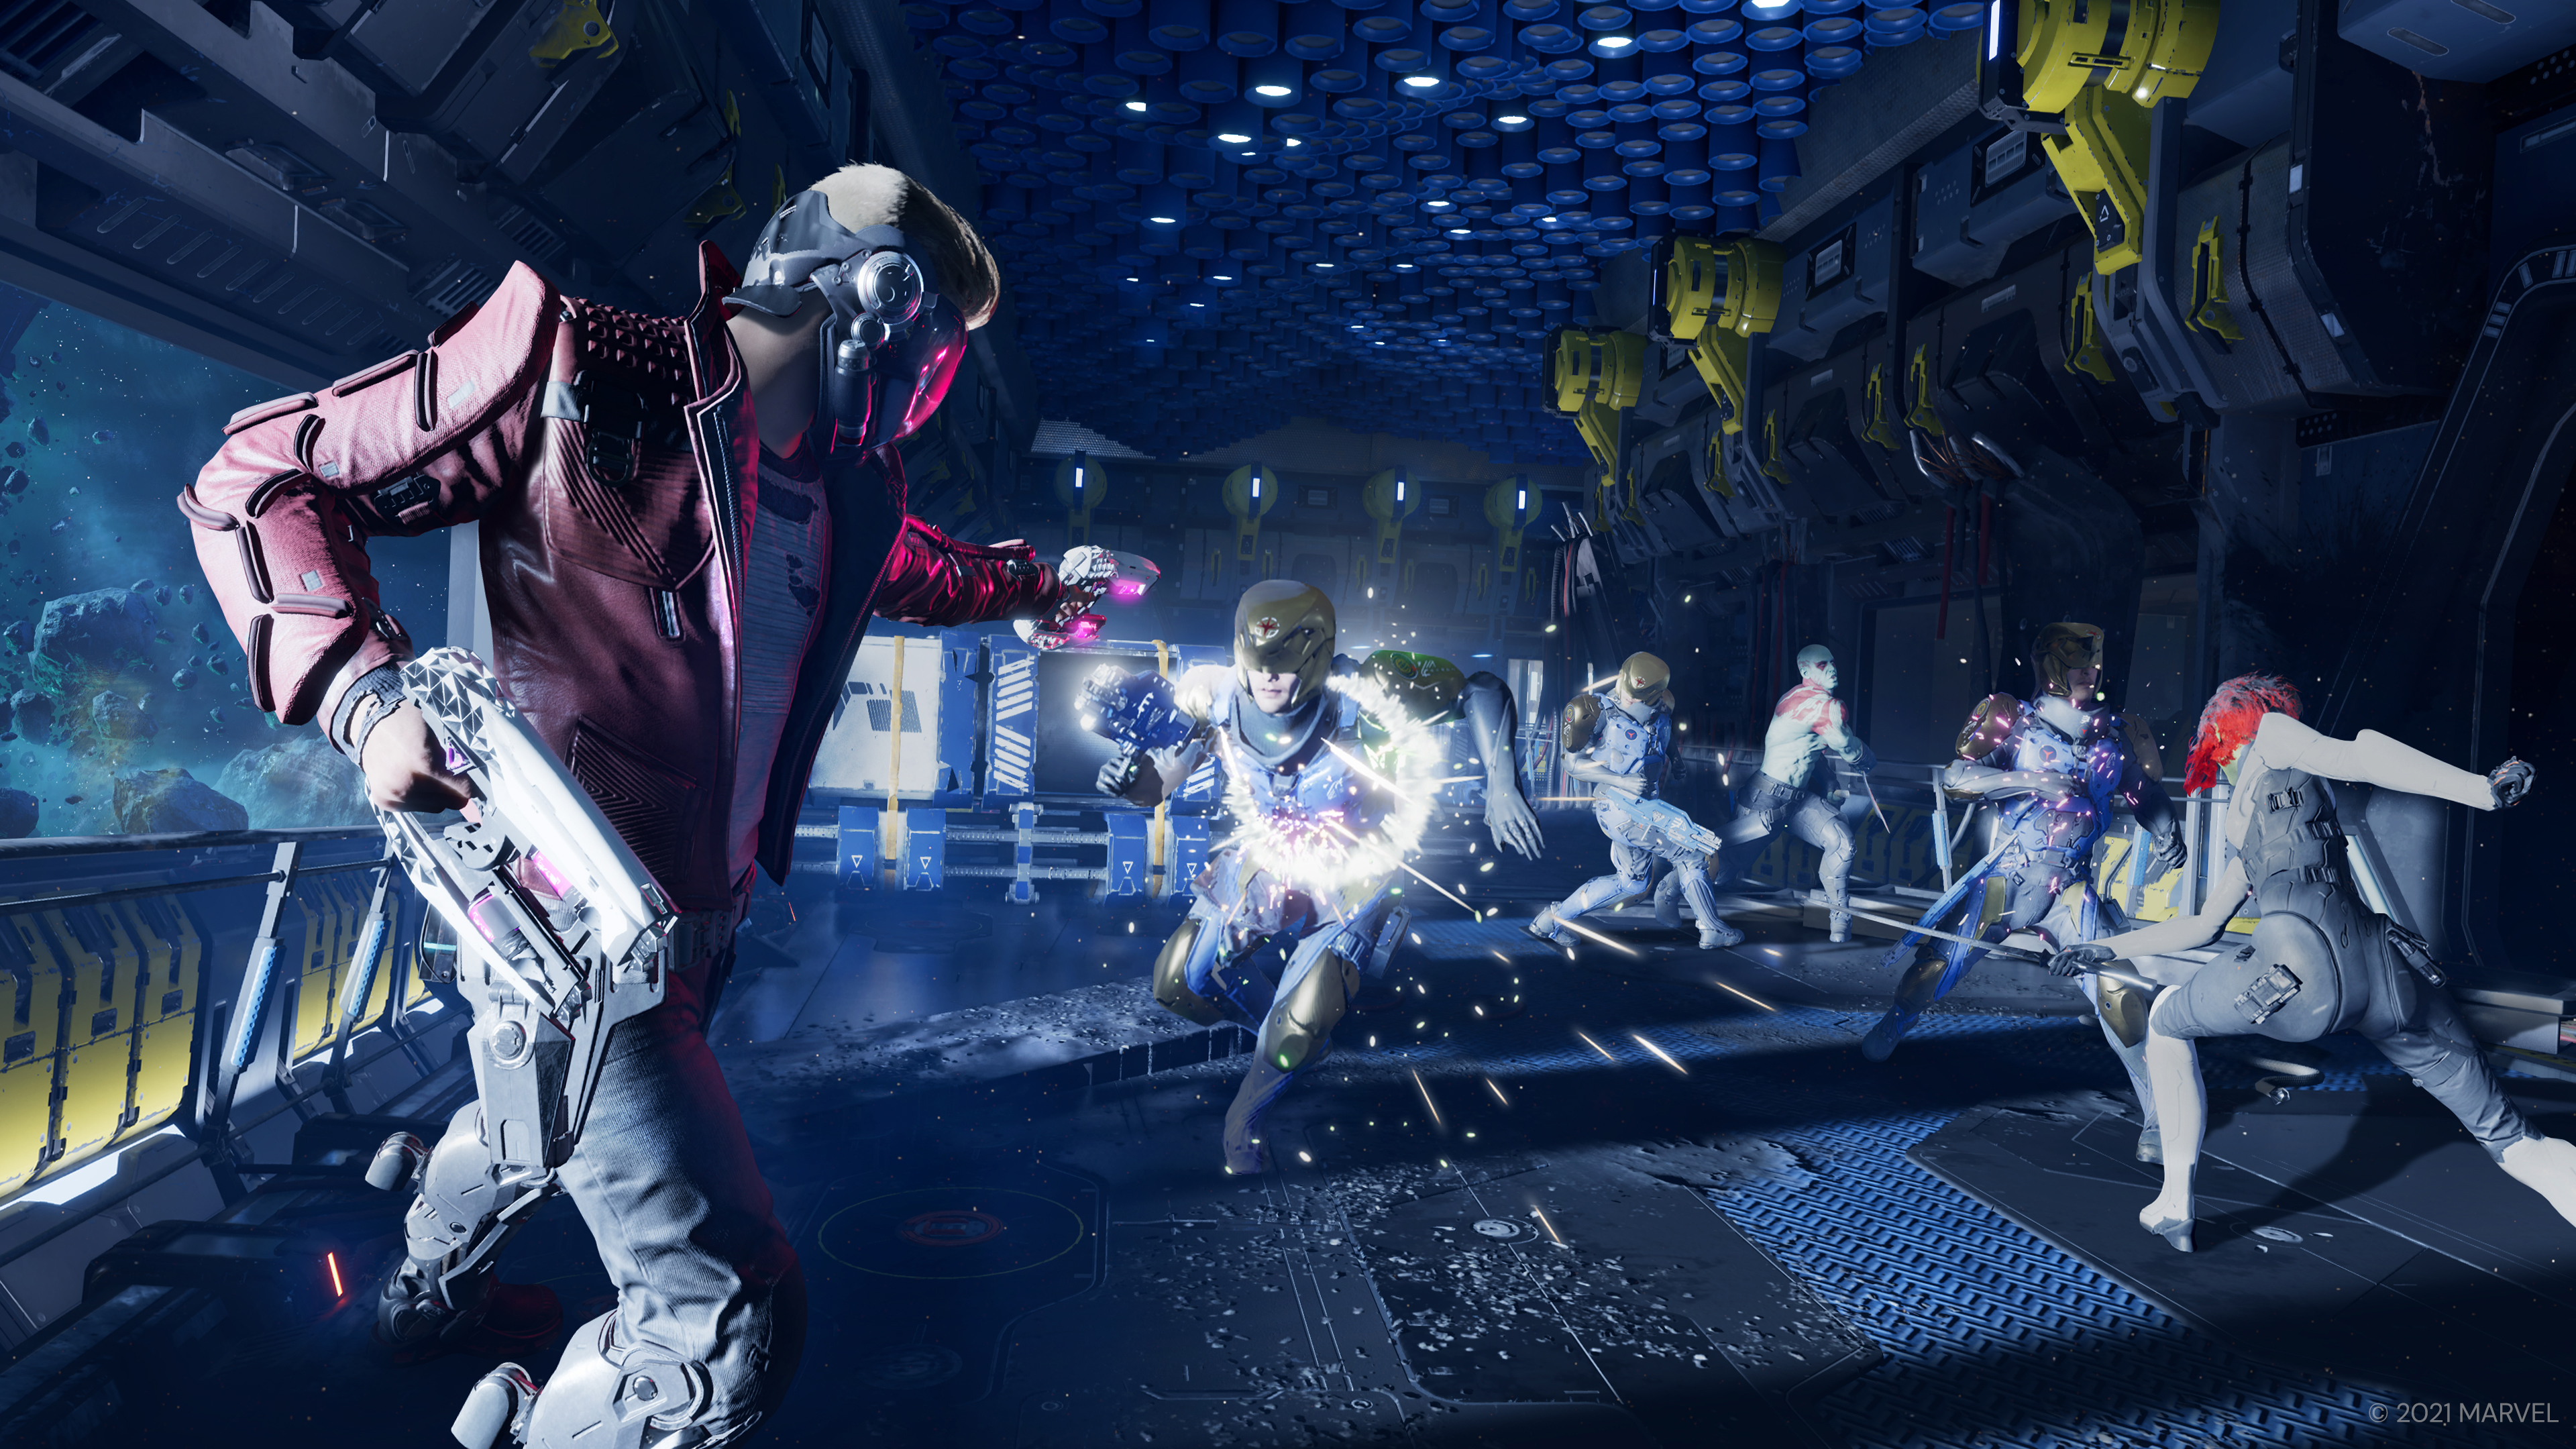 Скриншот №5 к «Стражи Галактики Marvel» PS4 и PS5